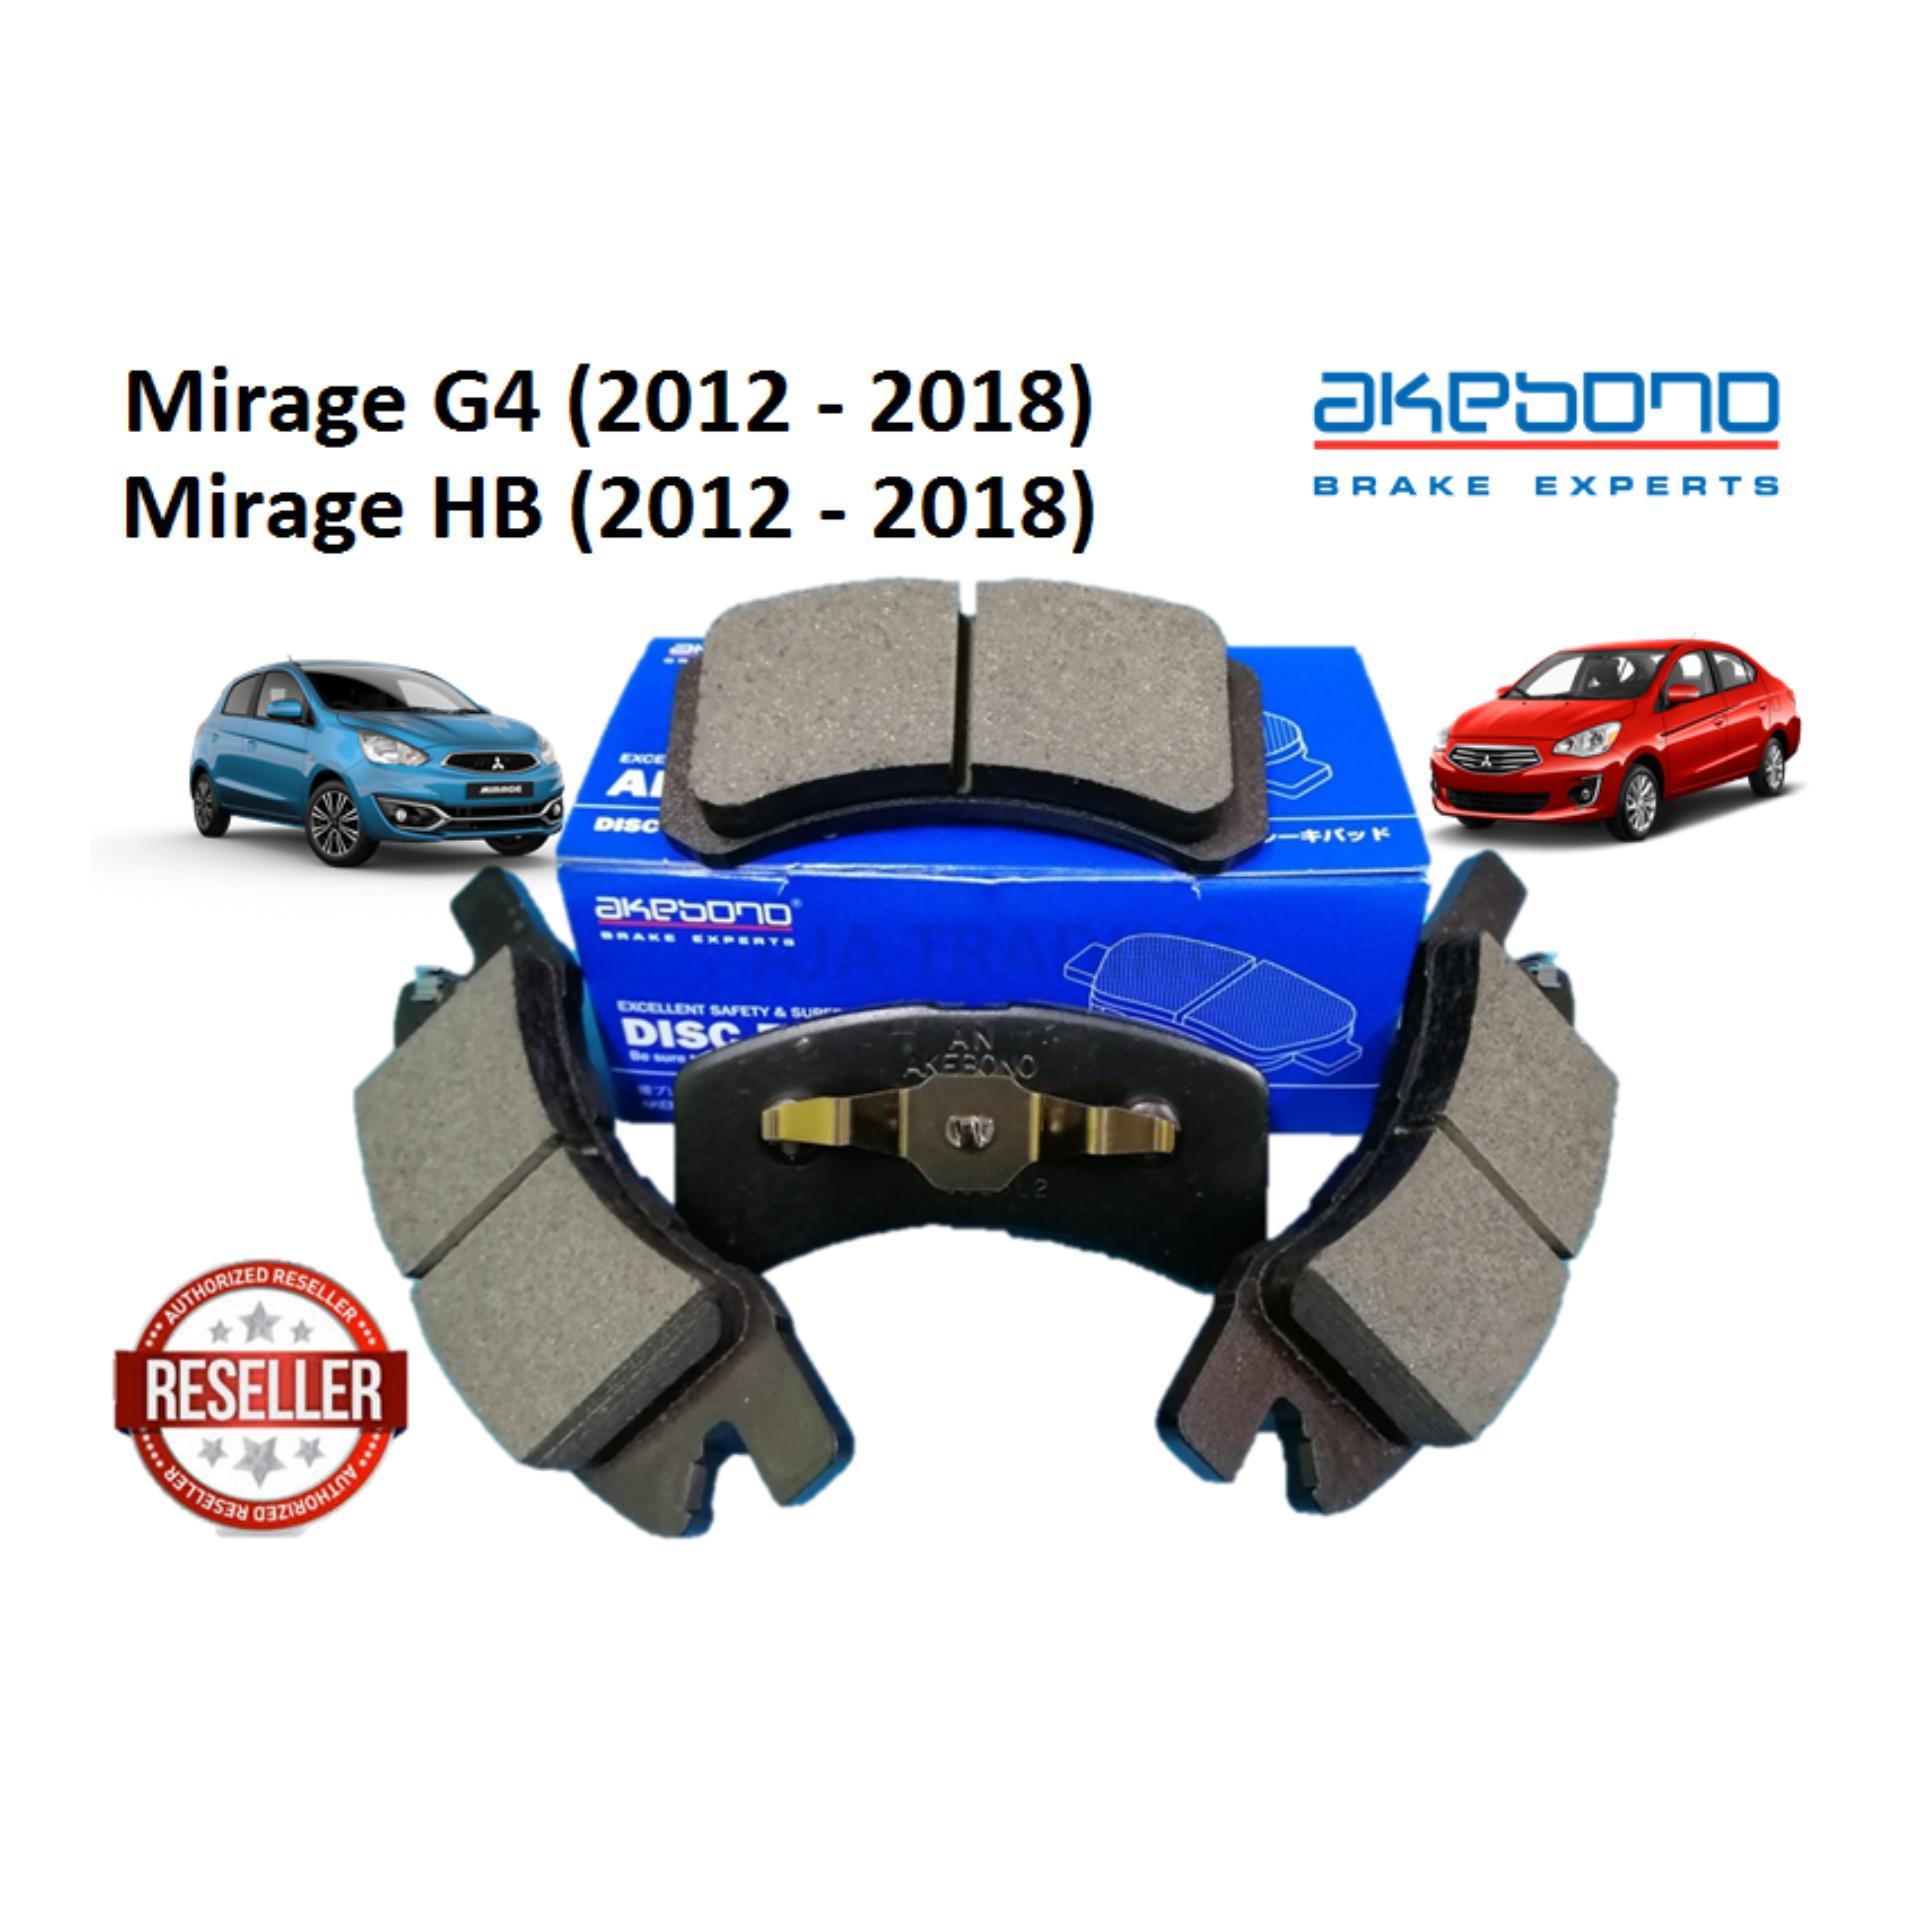 Genuine Akebono Front Brake Pads for Mitsubishi Mirage G4/HB (2012 - 2018)